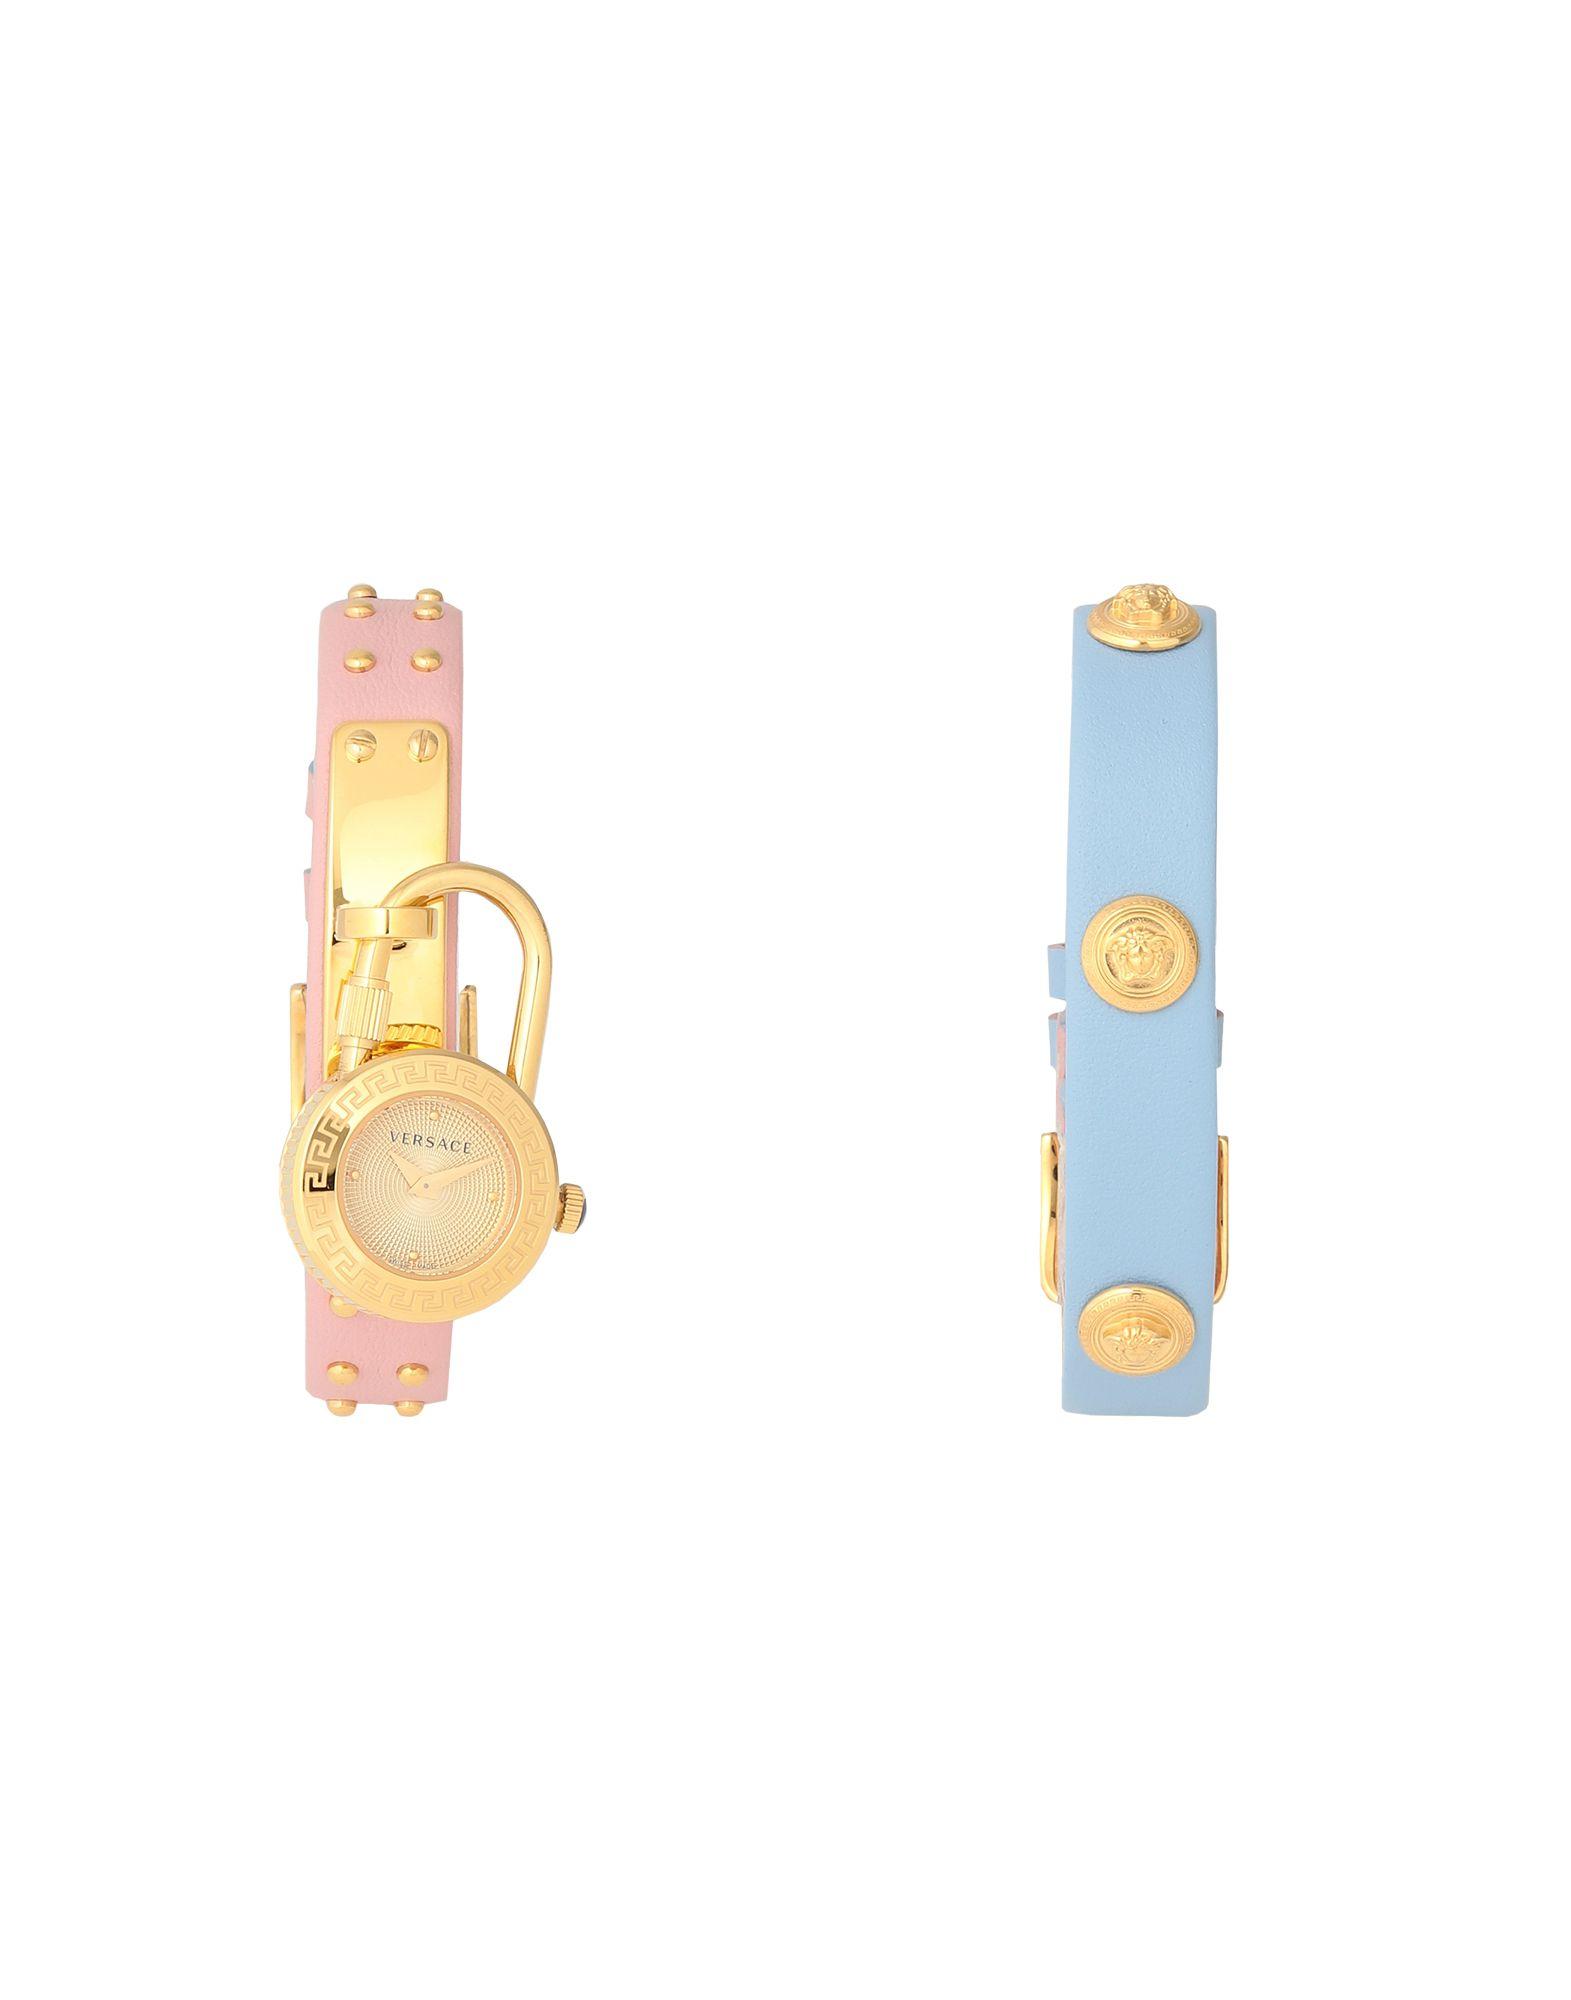 《セール開催中》VERSACE レディース 腕時計 ゴールド ステンレススチール / 牛革(カーフ) MEDUSA LOCK ICON